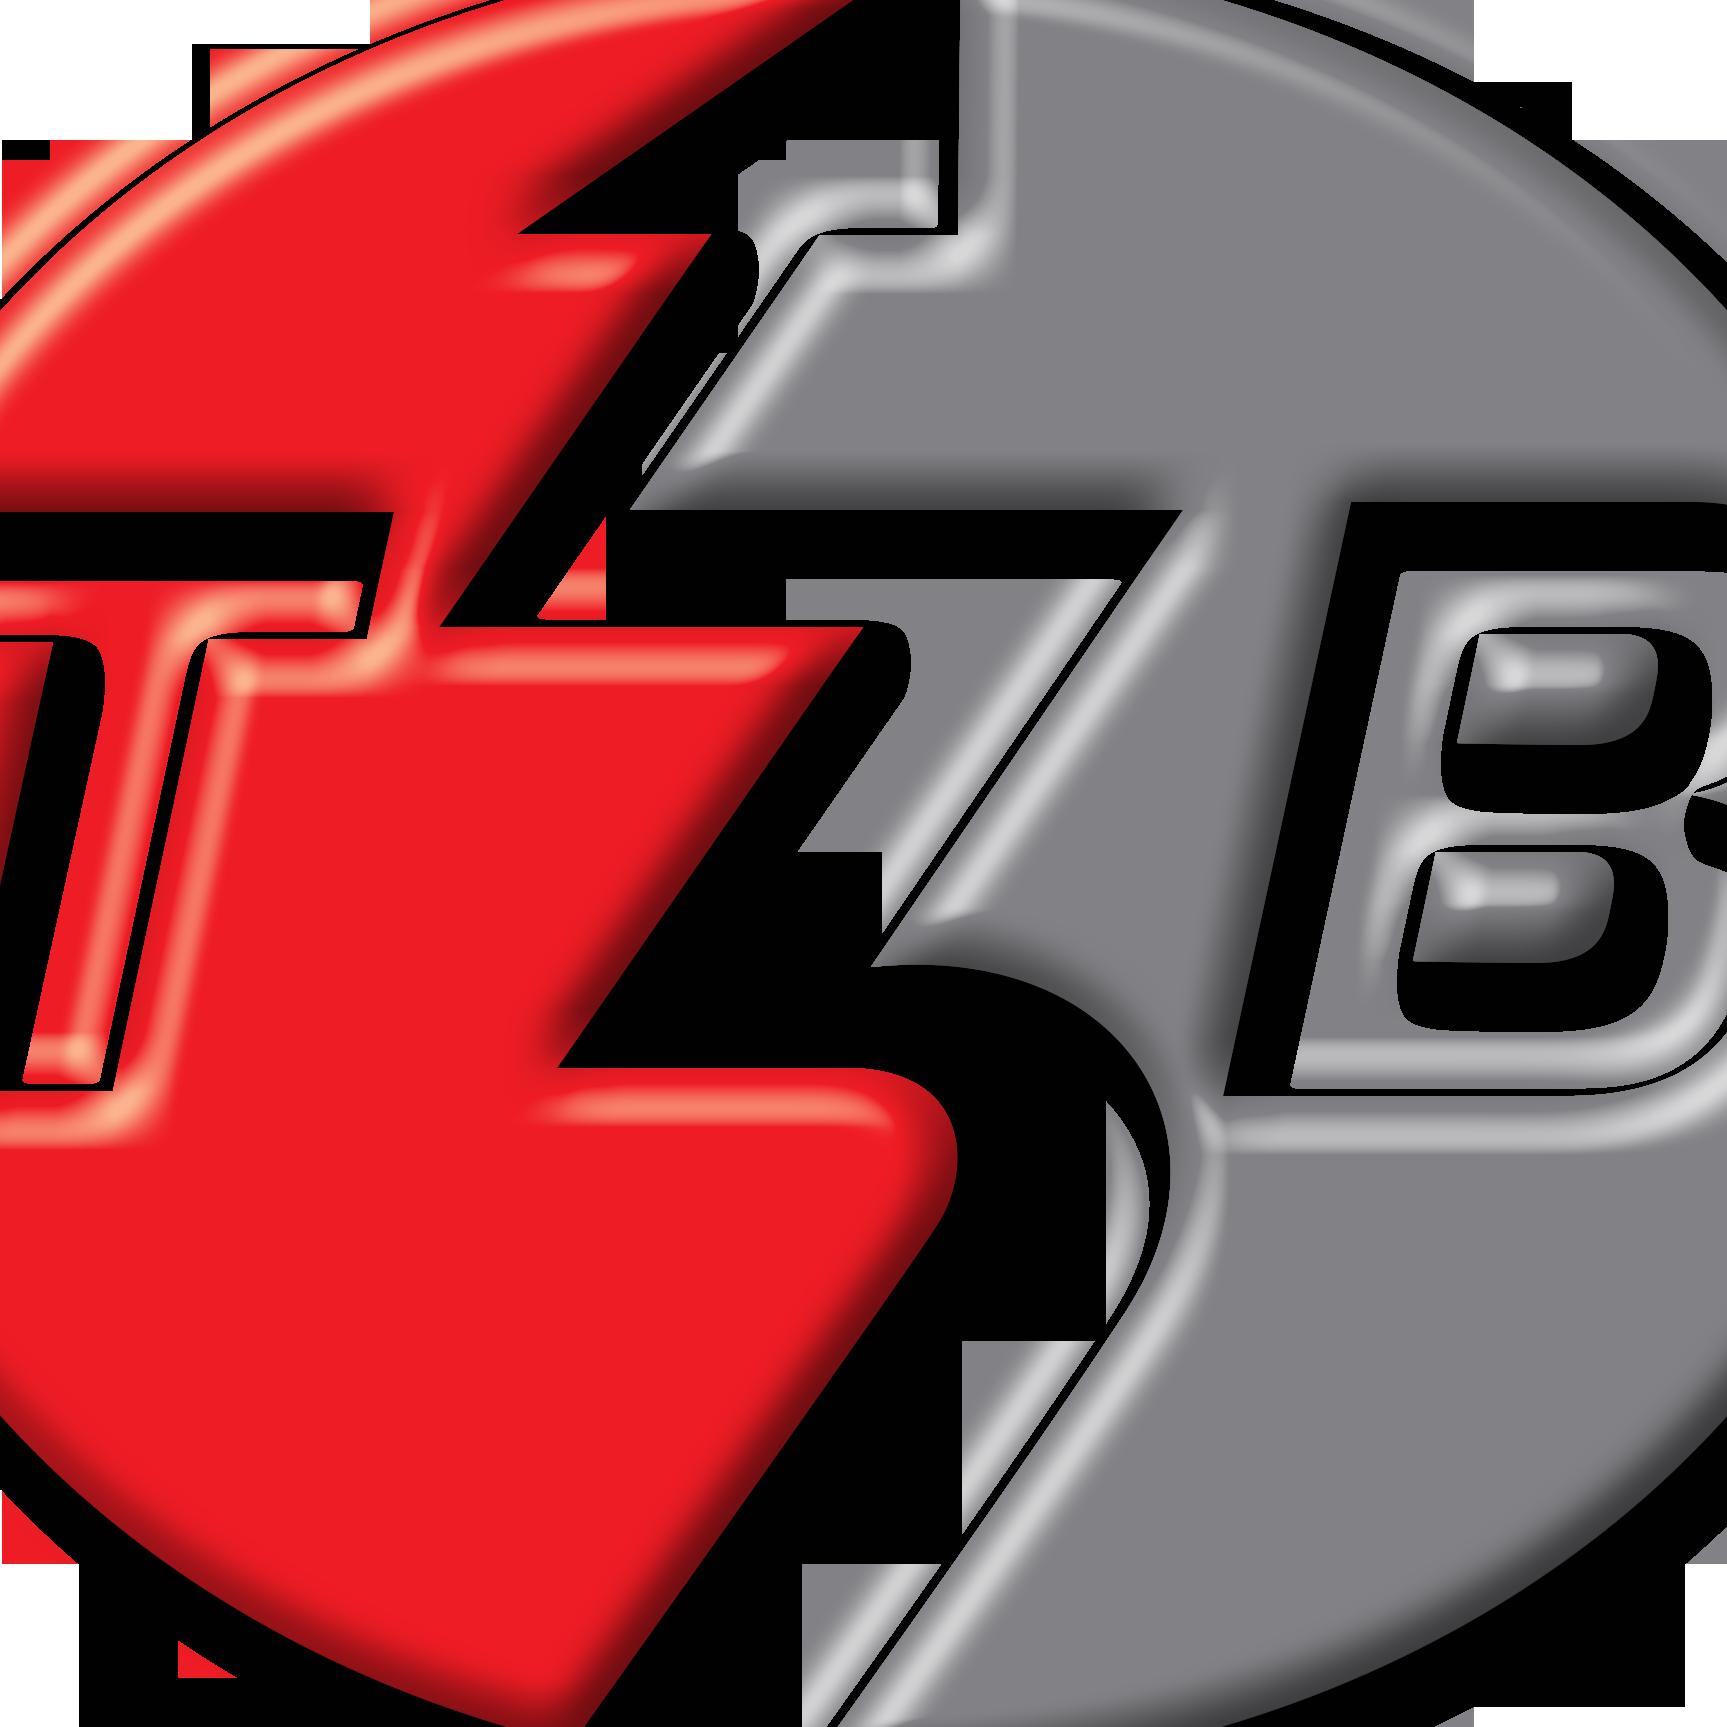 T3B FX